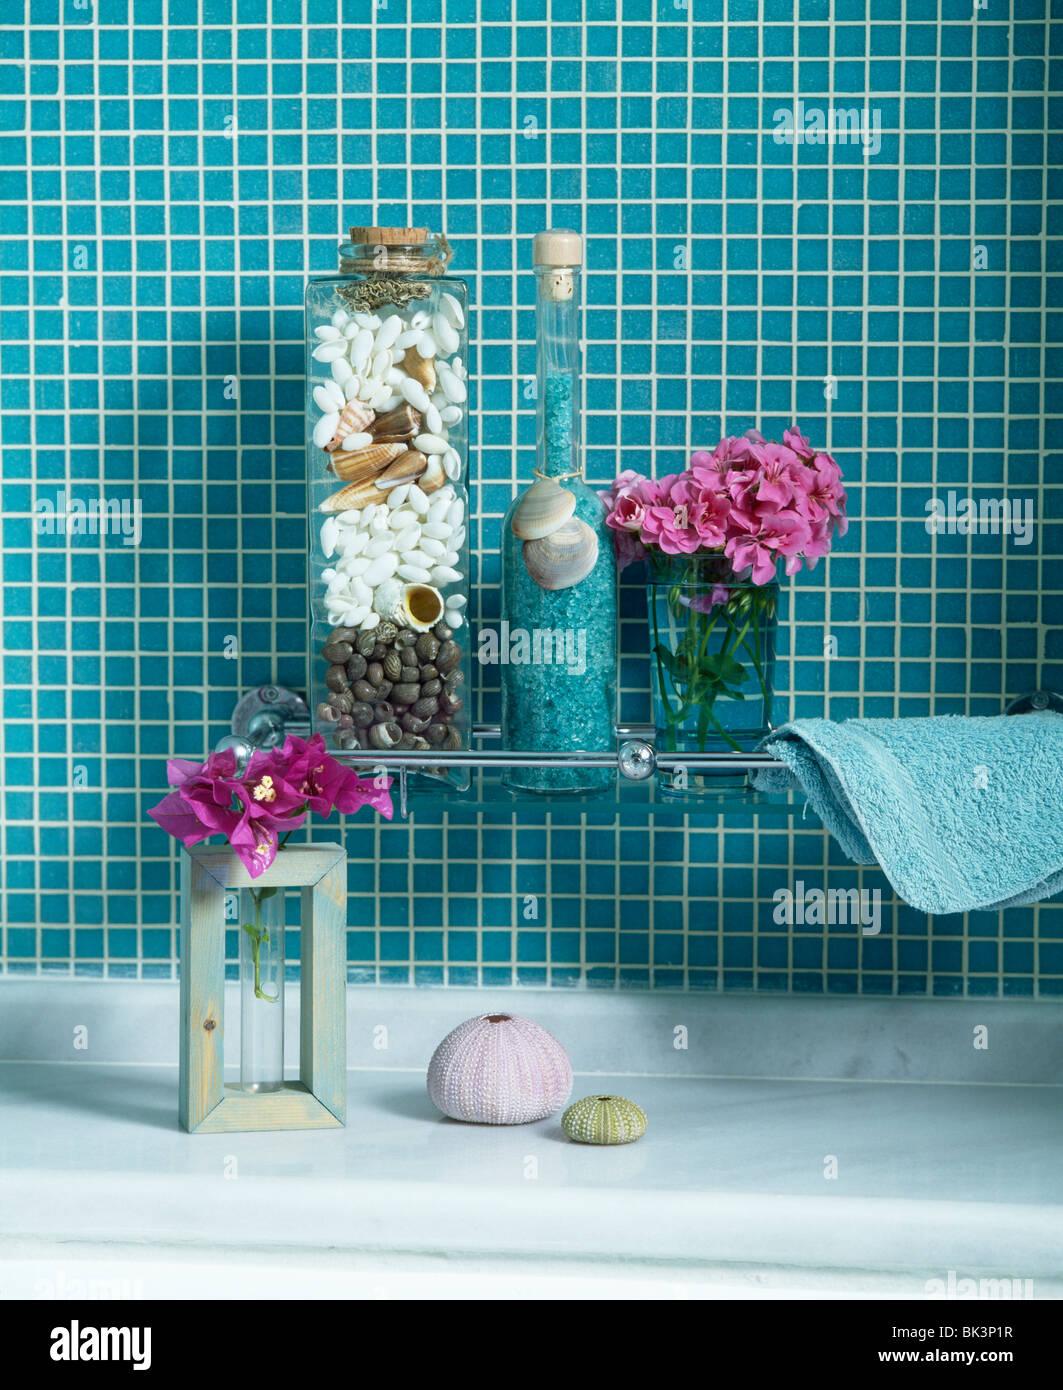 Türkis Geflieste Wand über Regal Mit Hohen Gläsern Aus Kieselsteinen Und  Vase Rosa Blüten Im Modernen Badezimmer